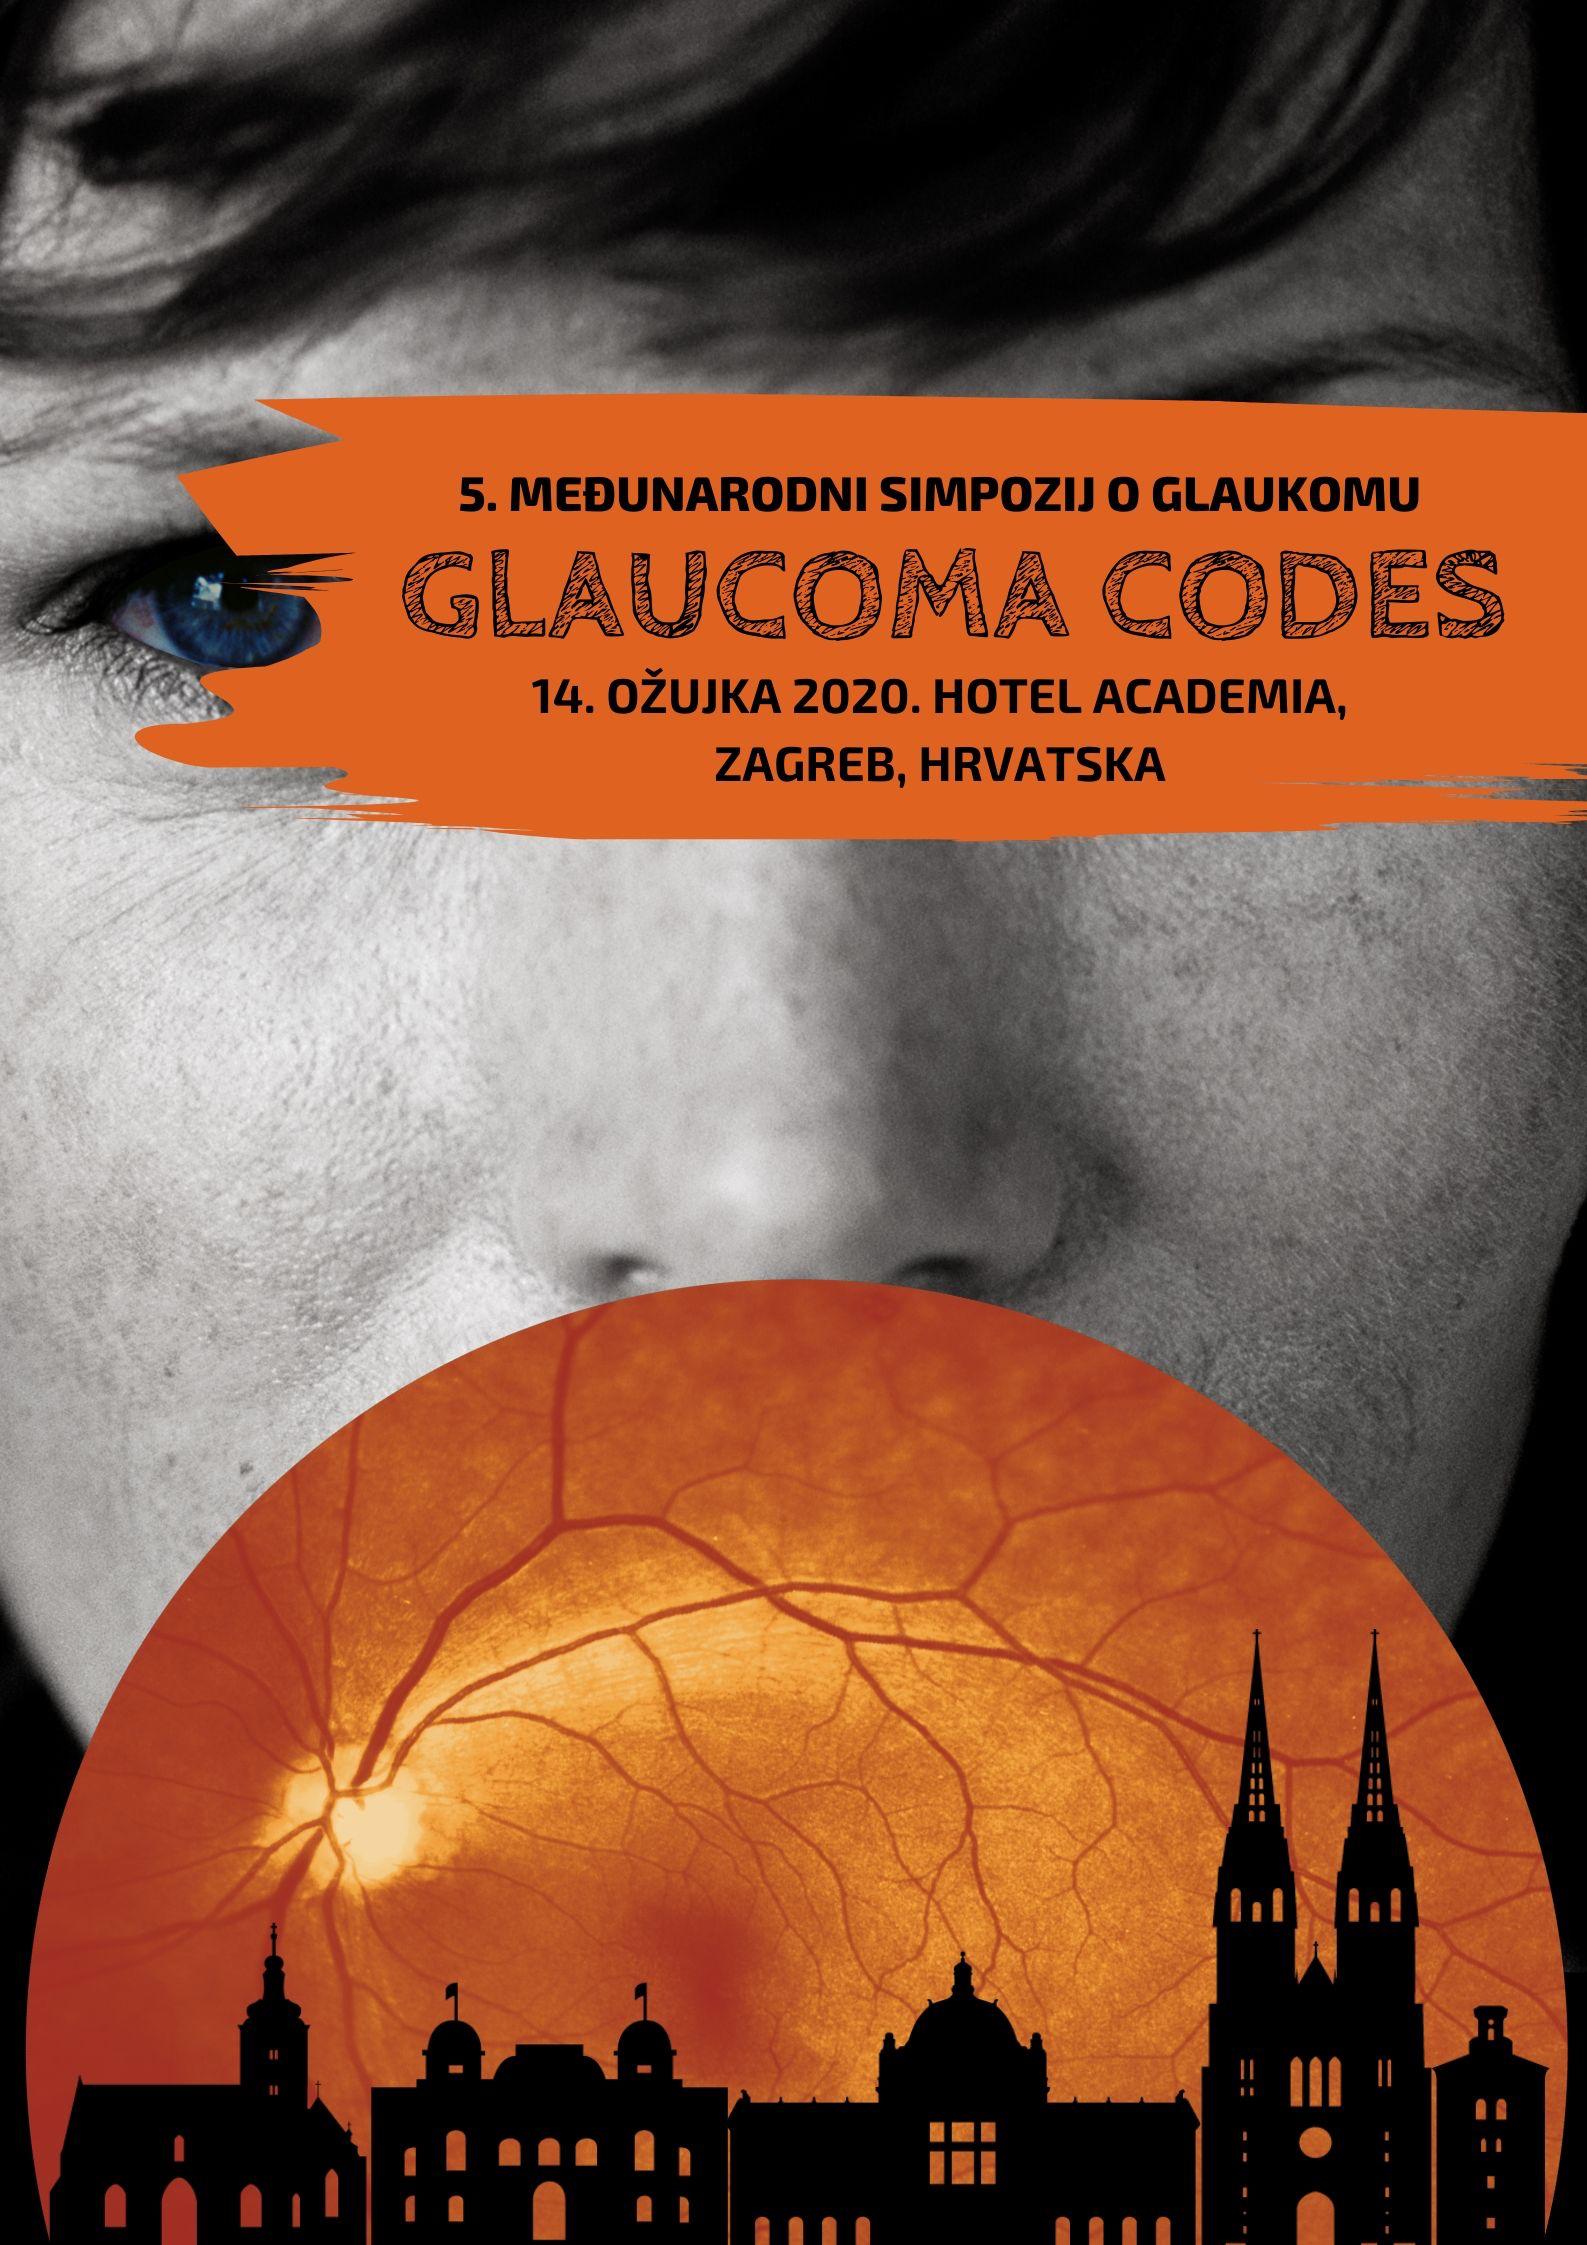 5. Međunarodni simpozij Glaucoma Codes